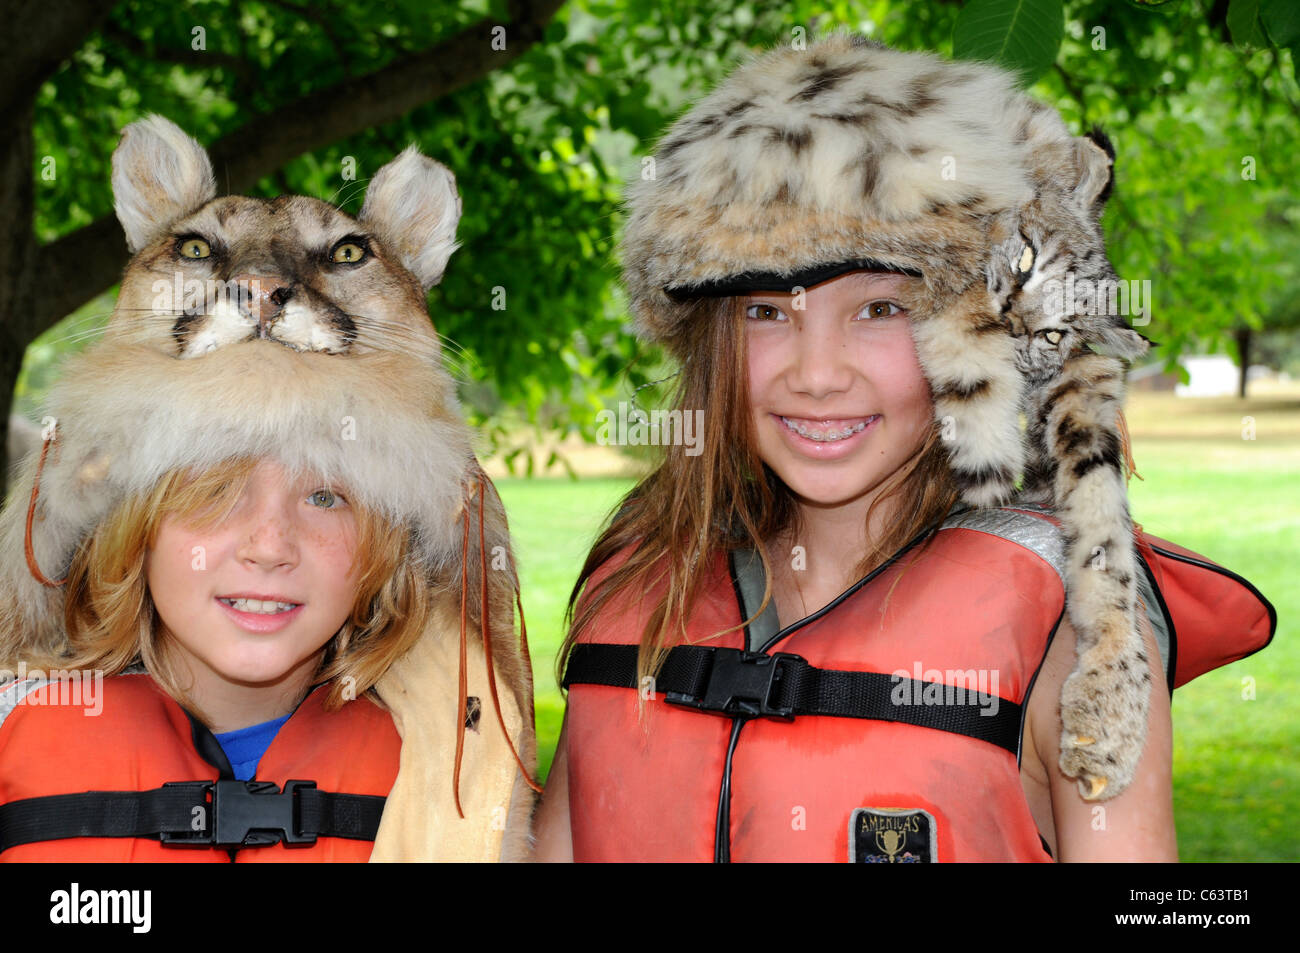 Niño y niña 8-12 años vistiendo sombreros de piel de gatos salvajes durante el salmón tour de Imagen De Stock